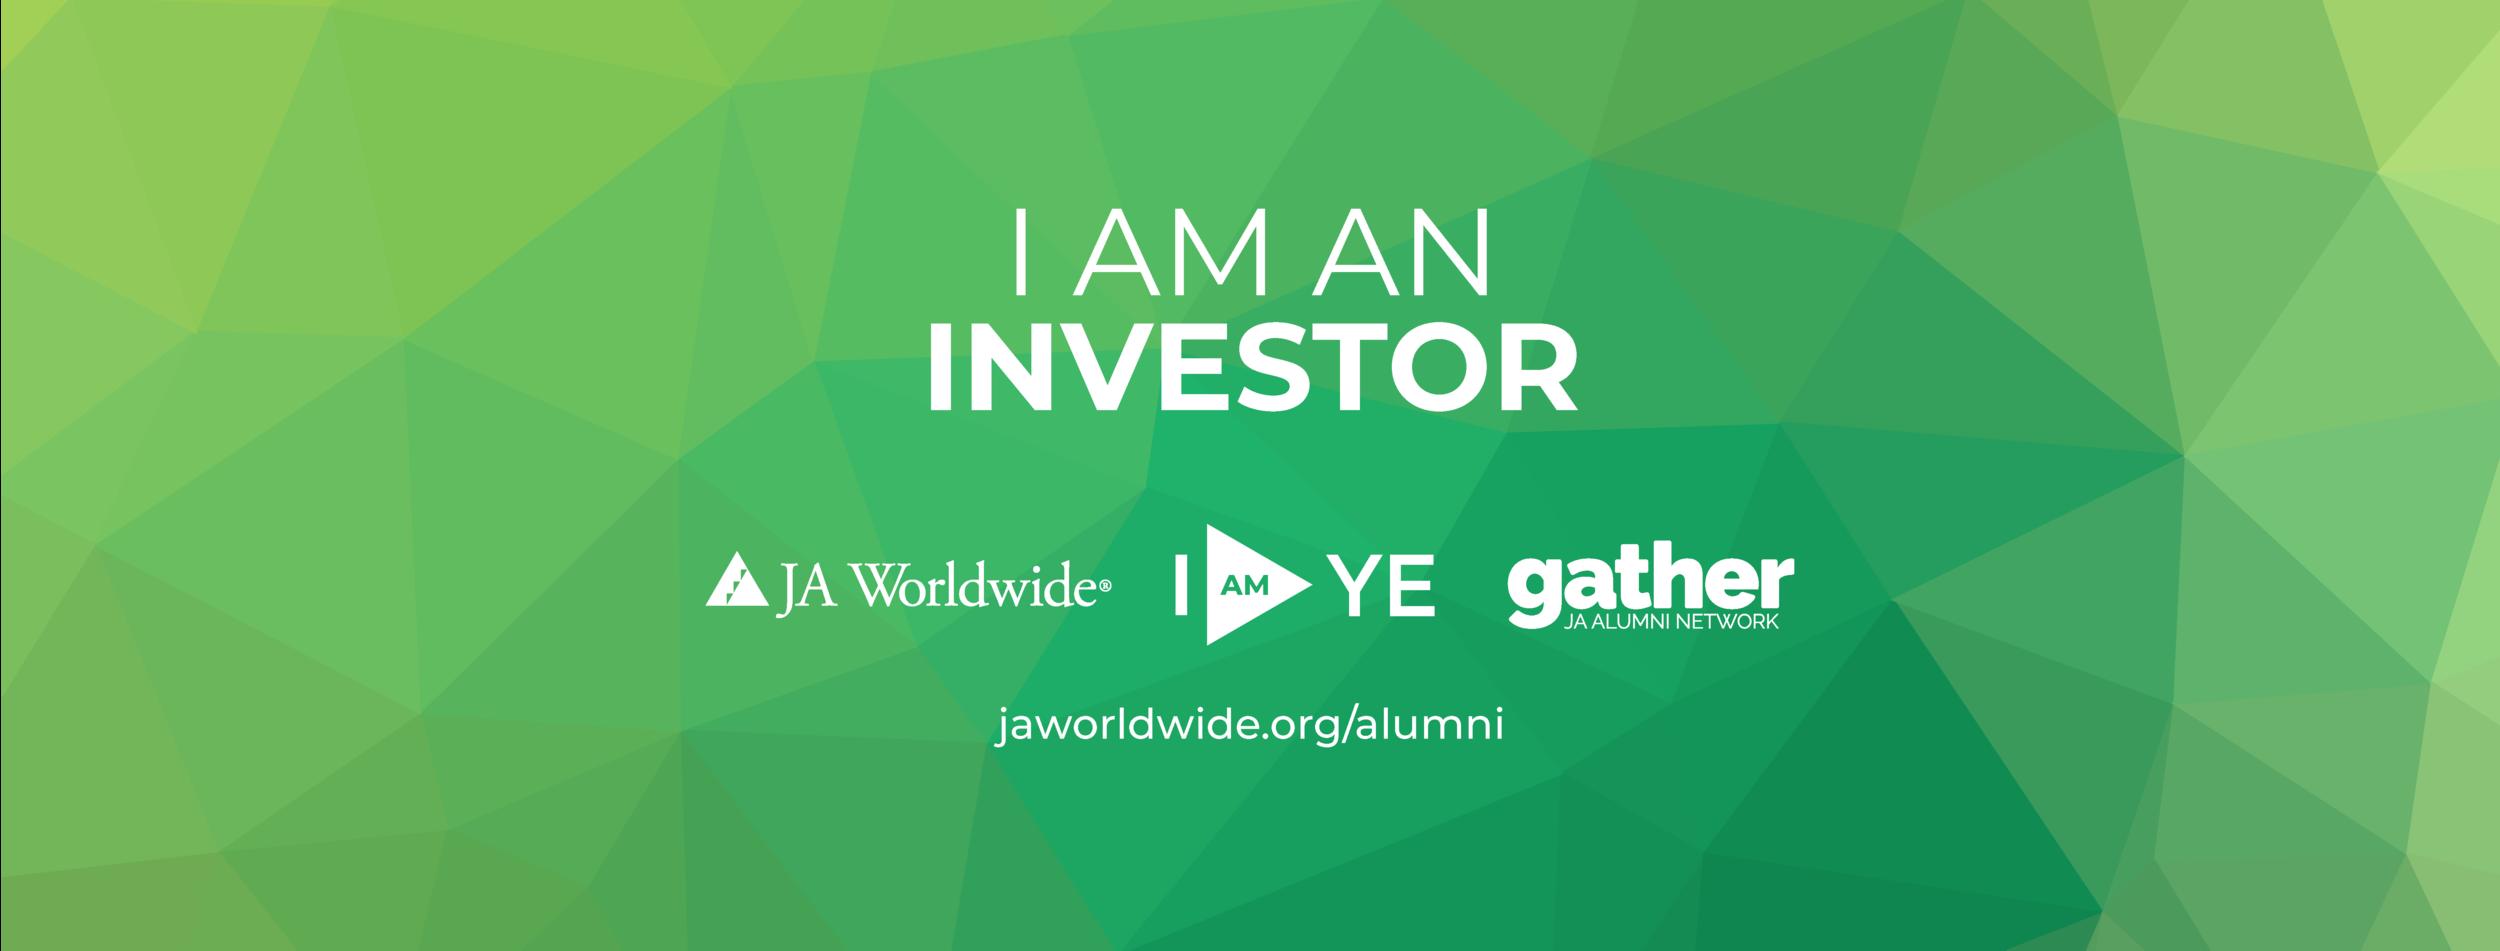 I am an investor-I am YE-Facebook banner.png